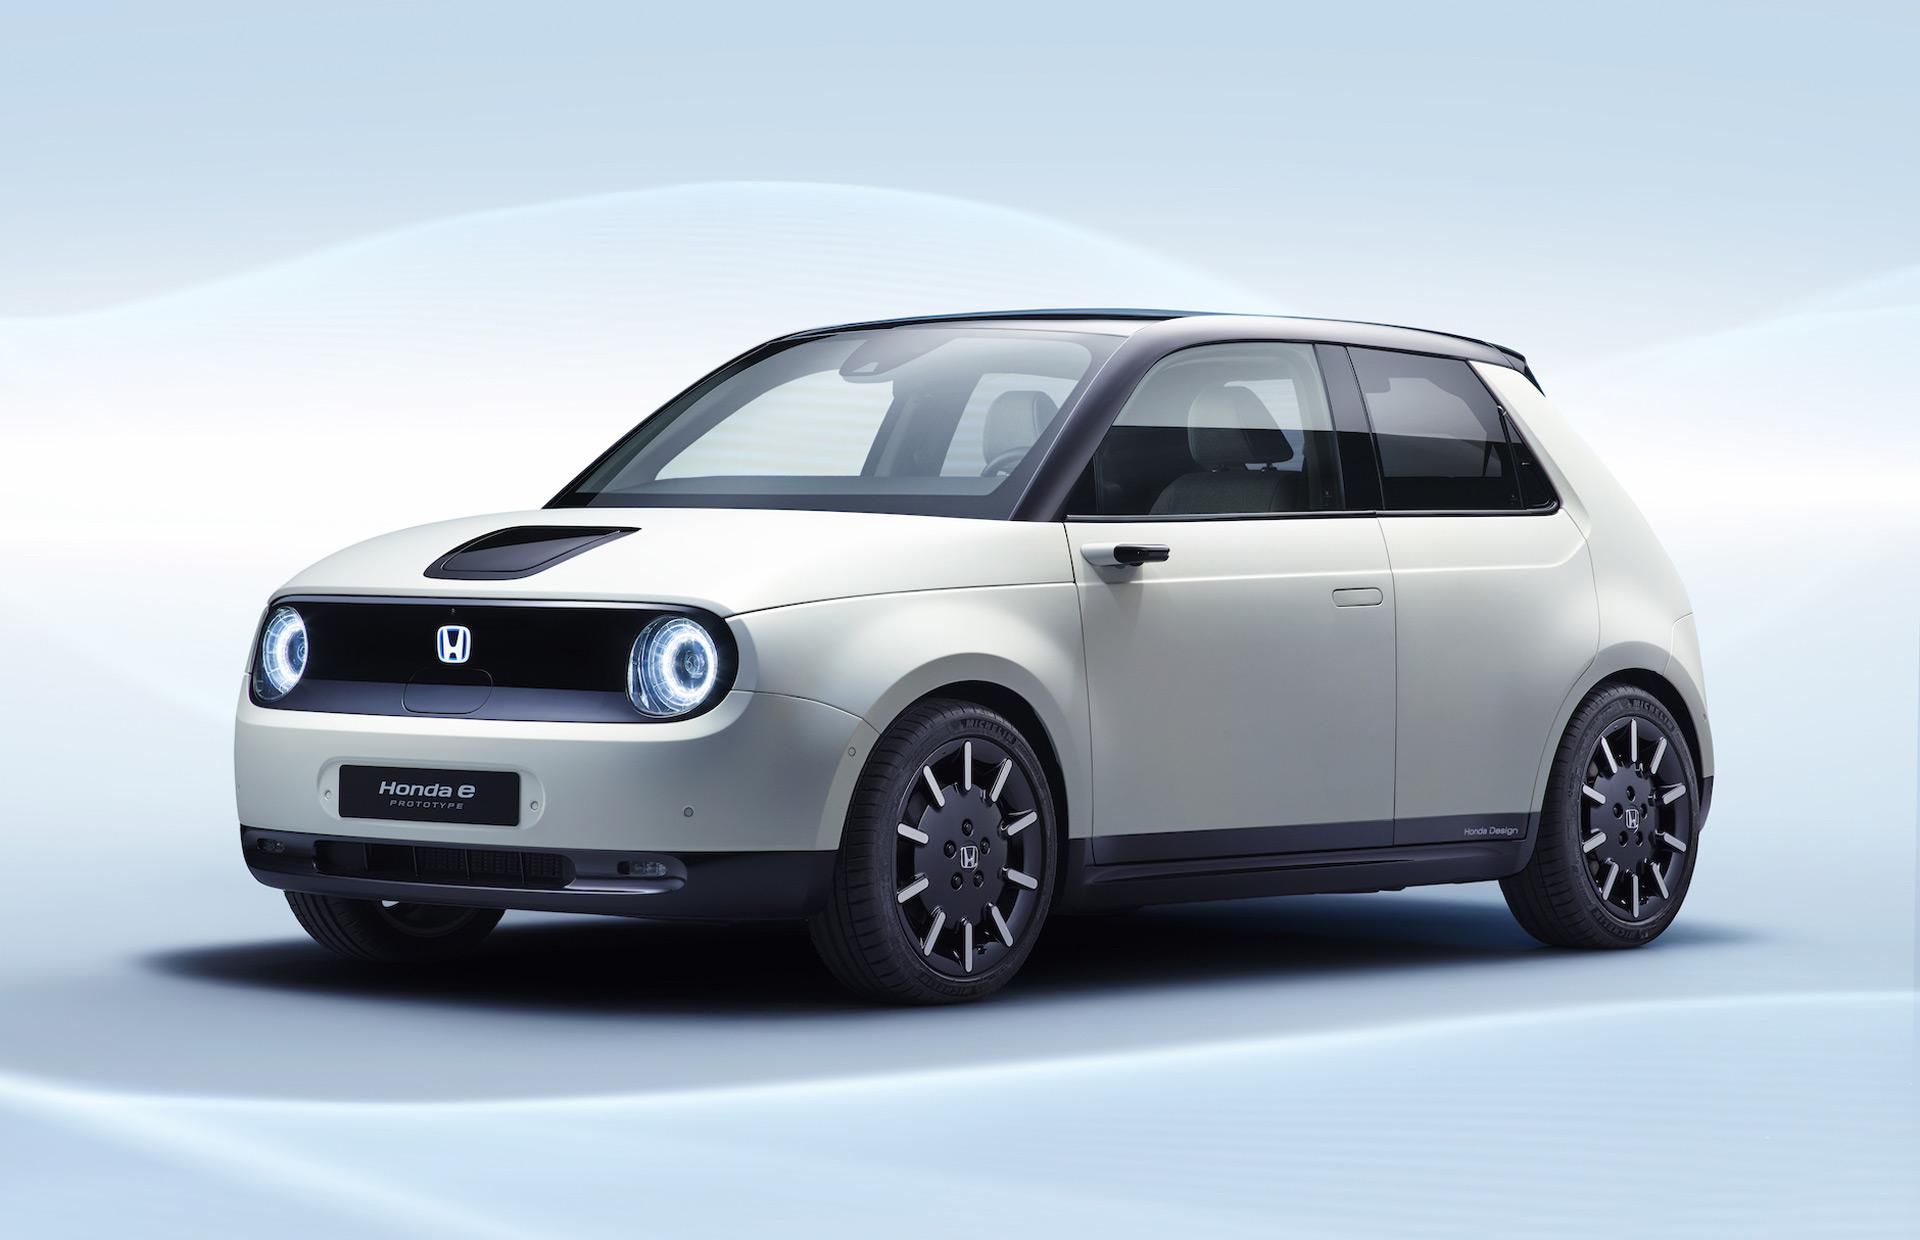 Honda Usa Cars >> Honda E Becomes Official Name Of Urban Ev More Hybrids To Come